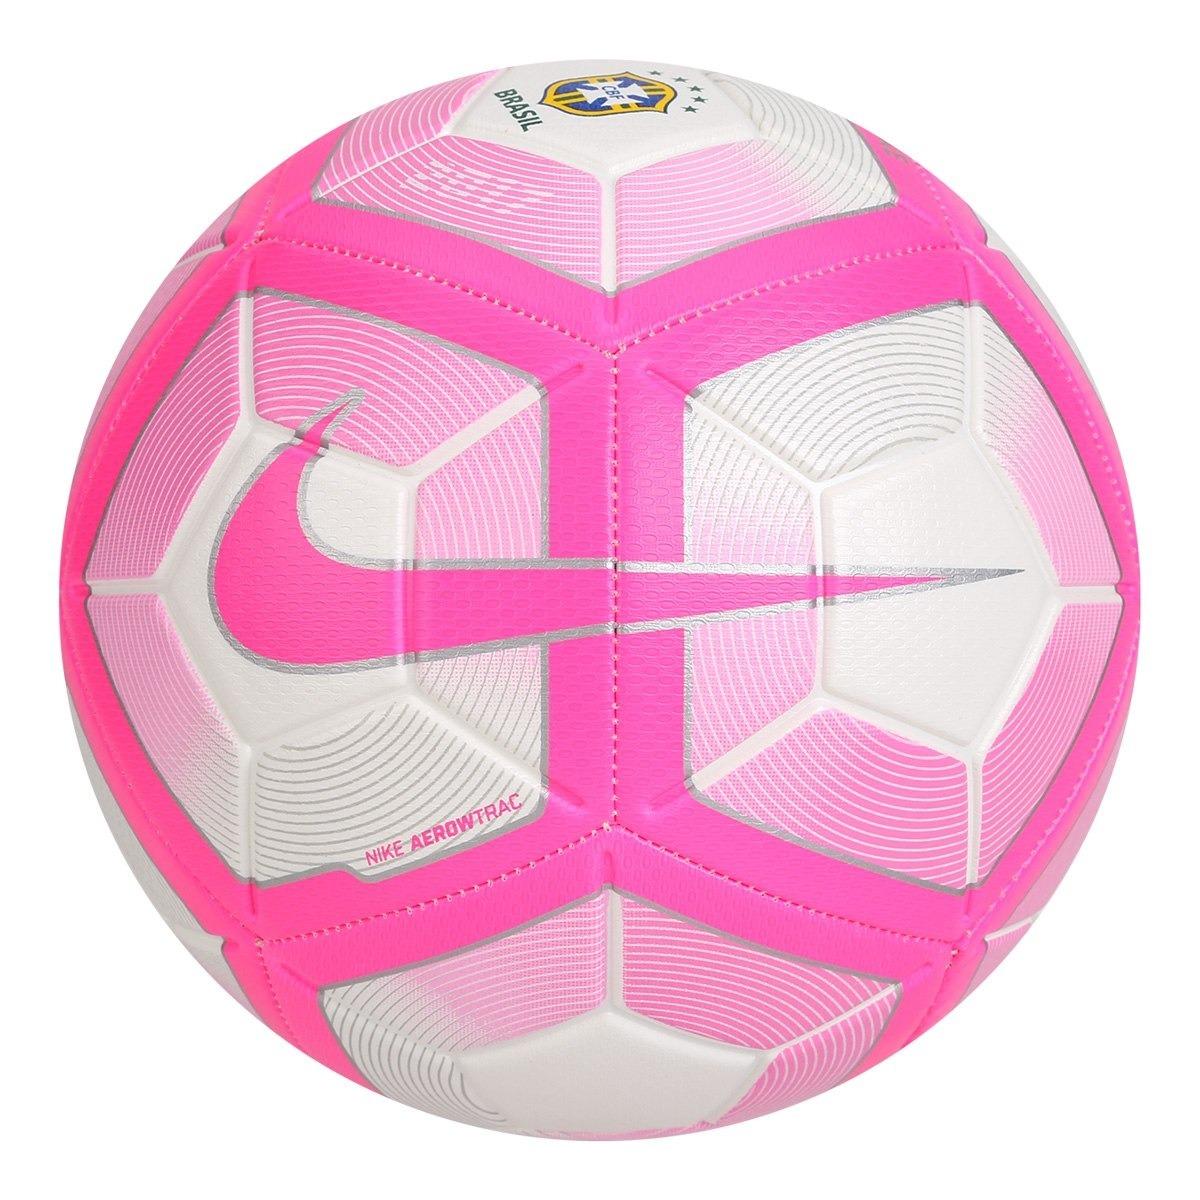 Cbf Nike Em Strike Futebol Campo Rosa R109 Bola Oficial 00 vwmNn08O